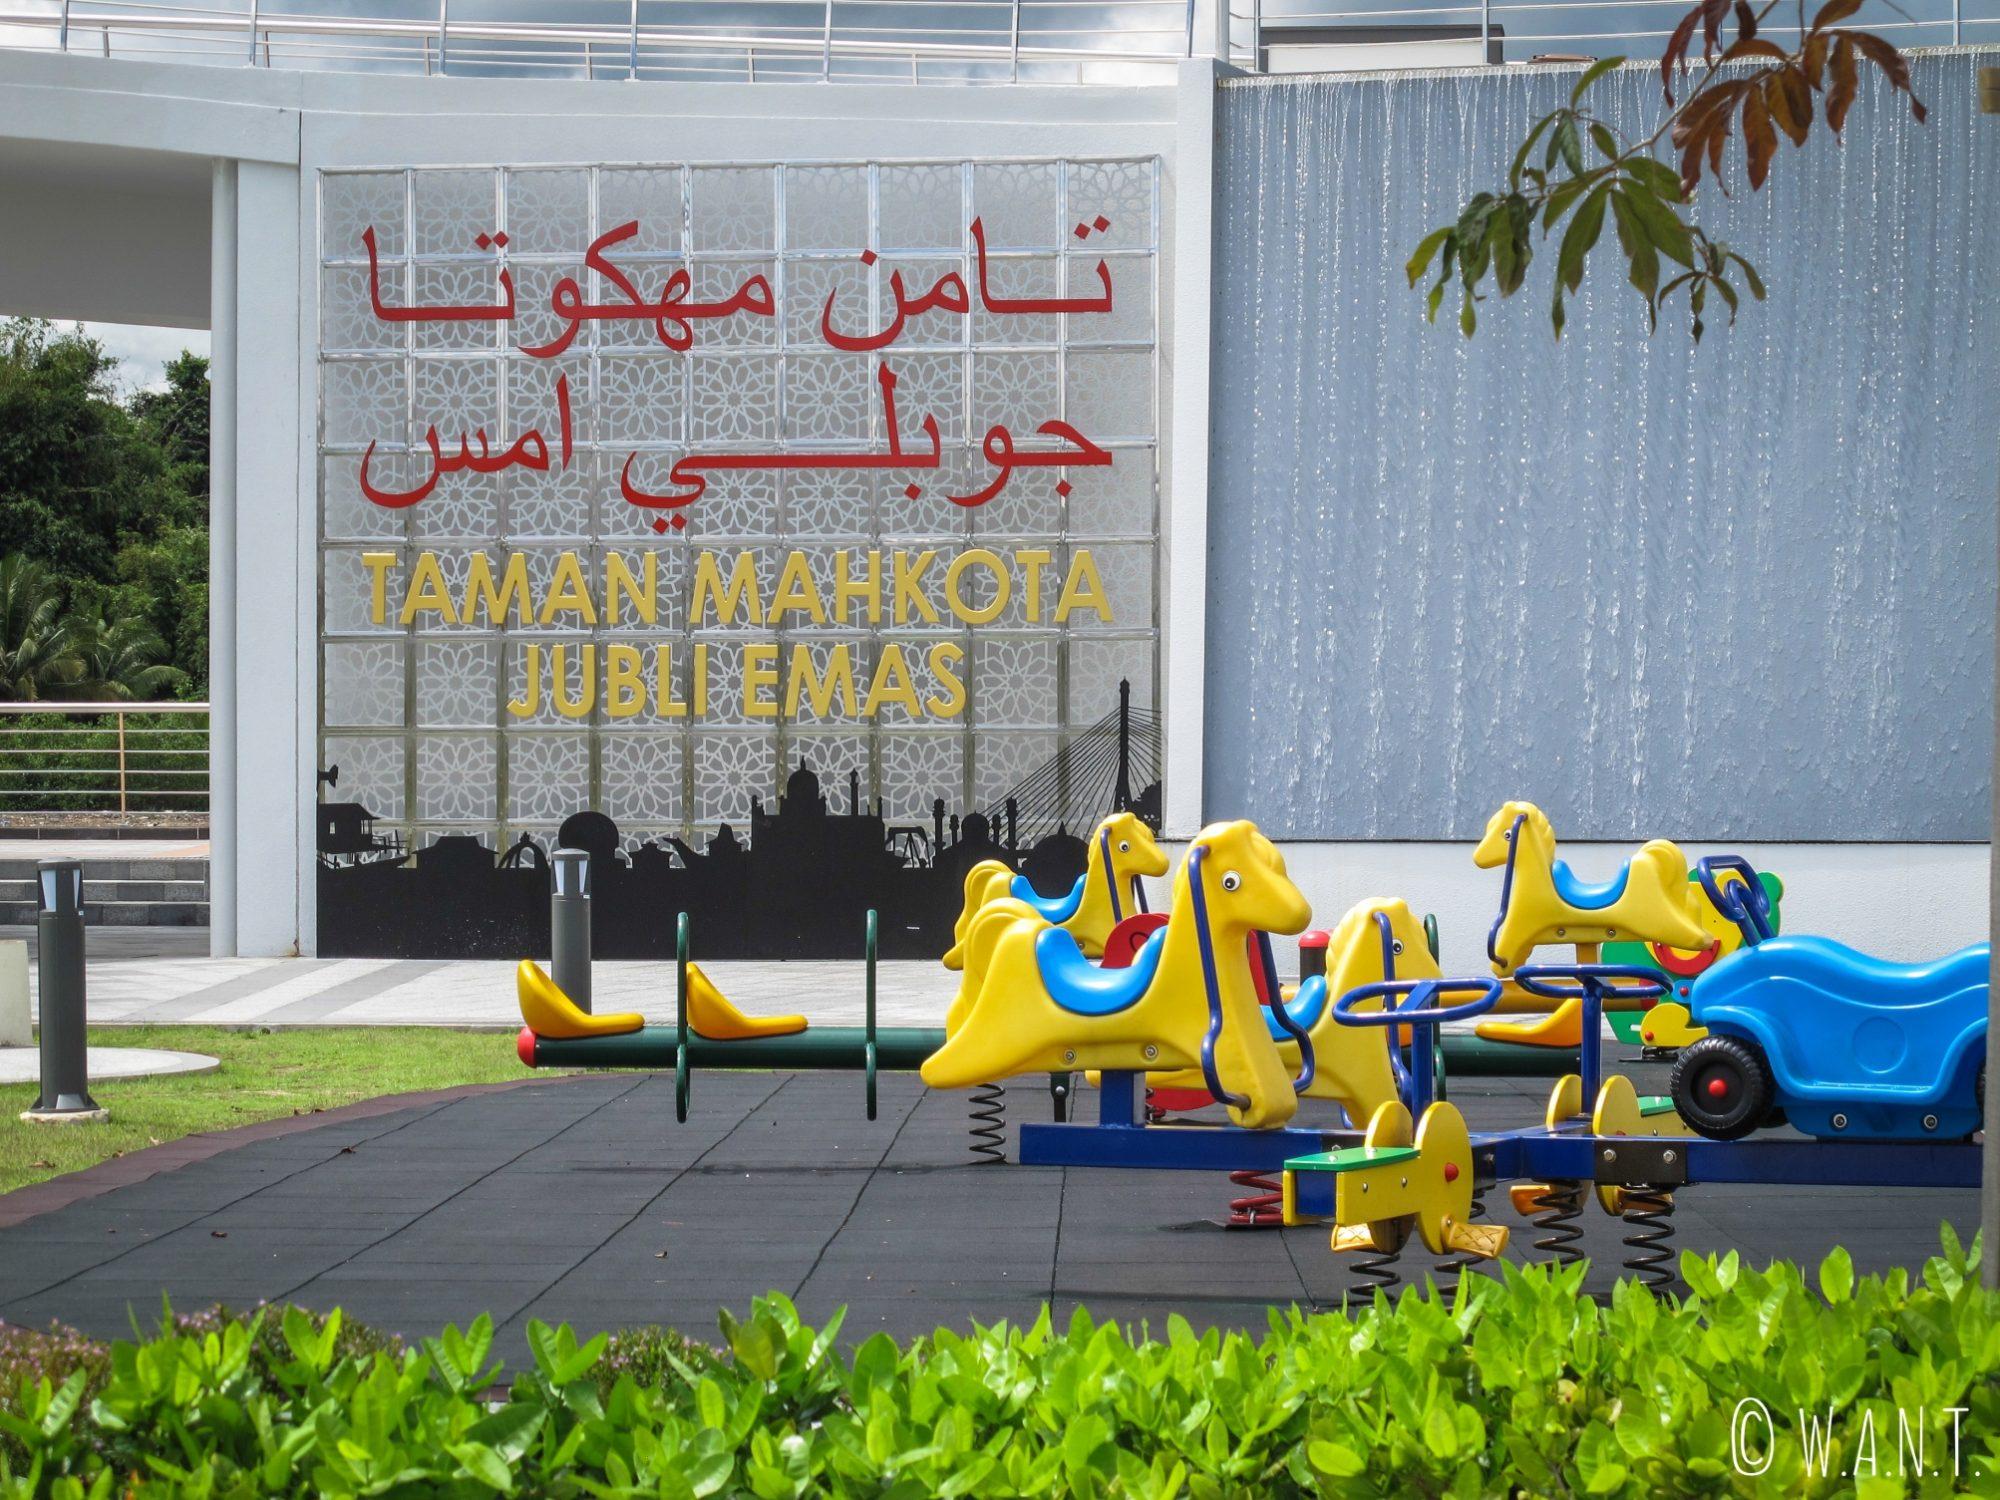 Aire de jeux du parc Taman Mahkota Jubli Emas de Bandar Seri Begawan